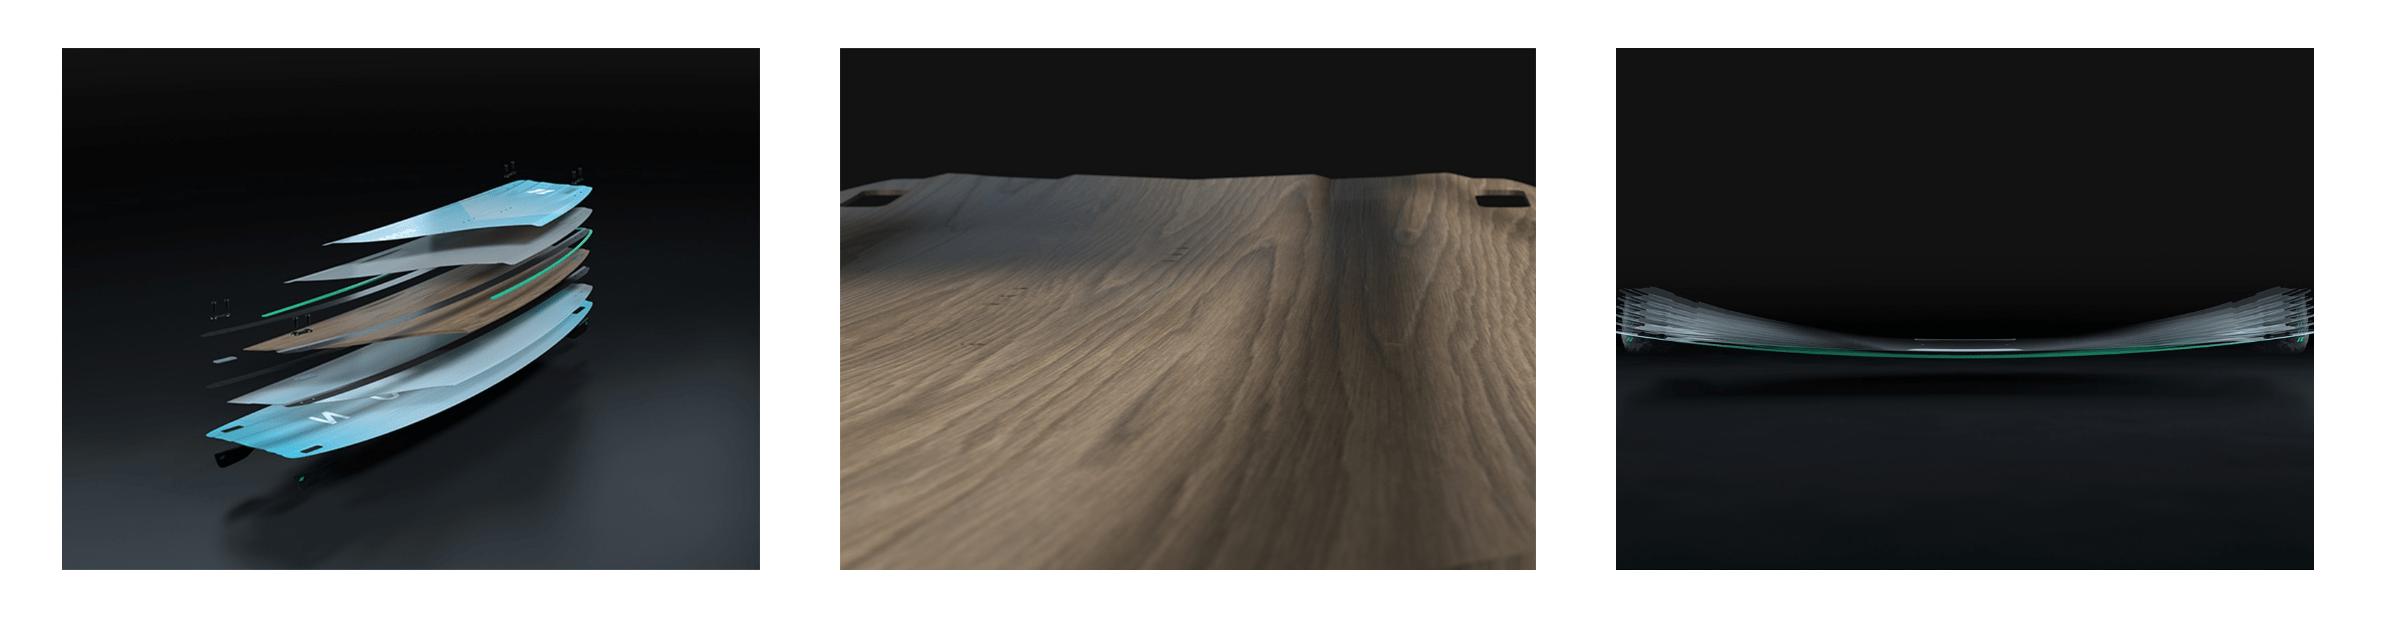 Bildschirmfoto-2019-10-01-um-12-23-43